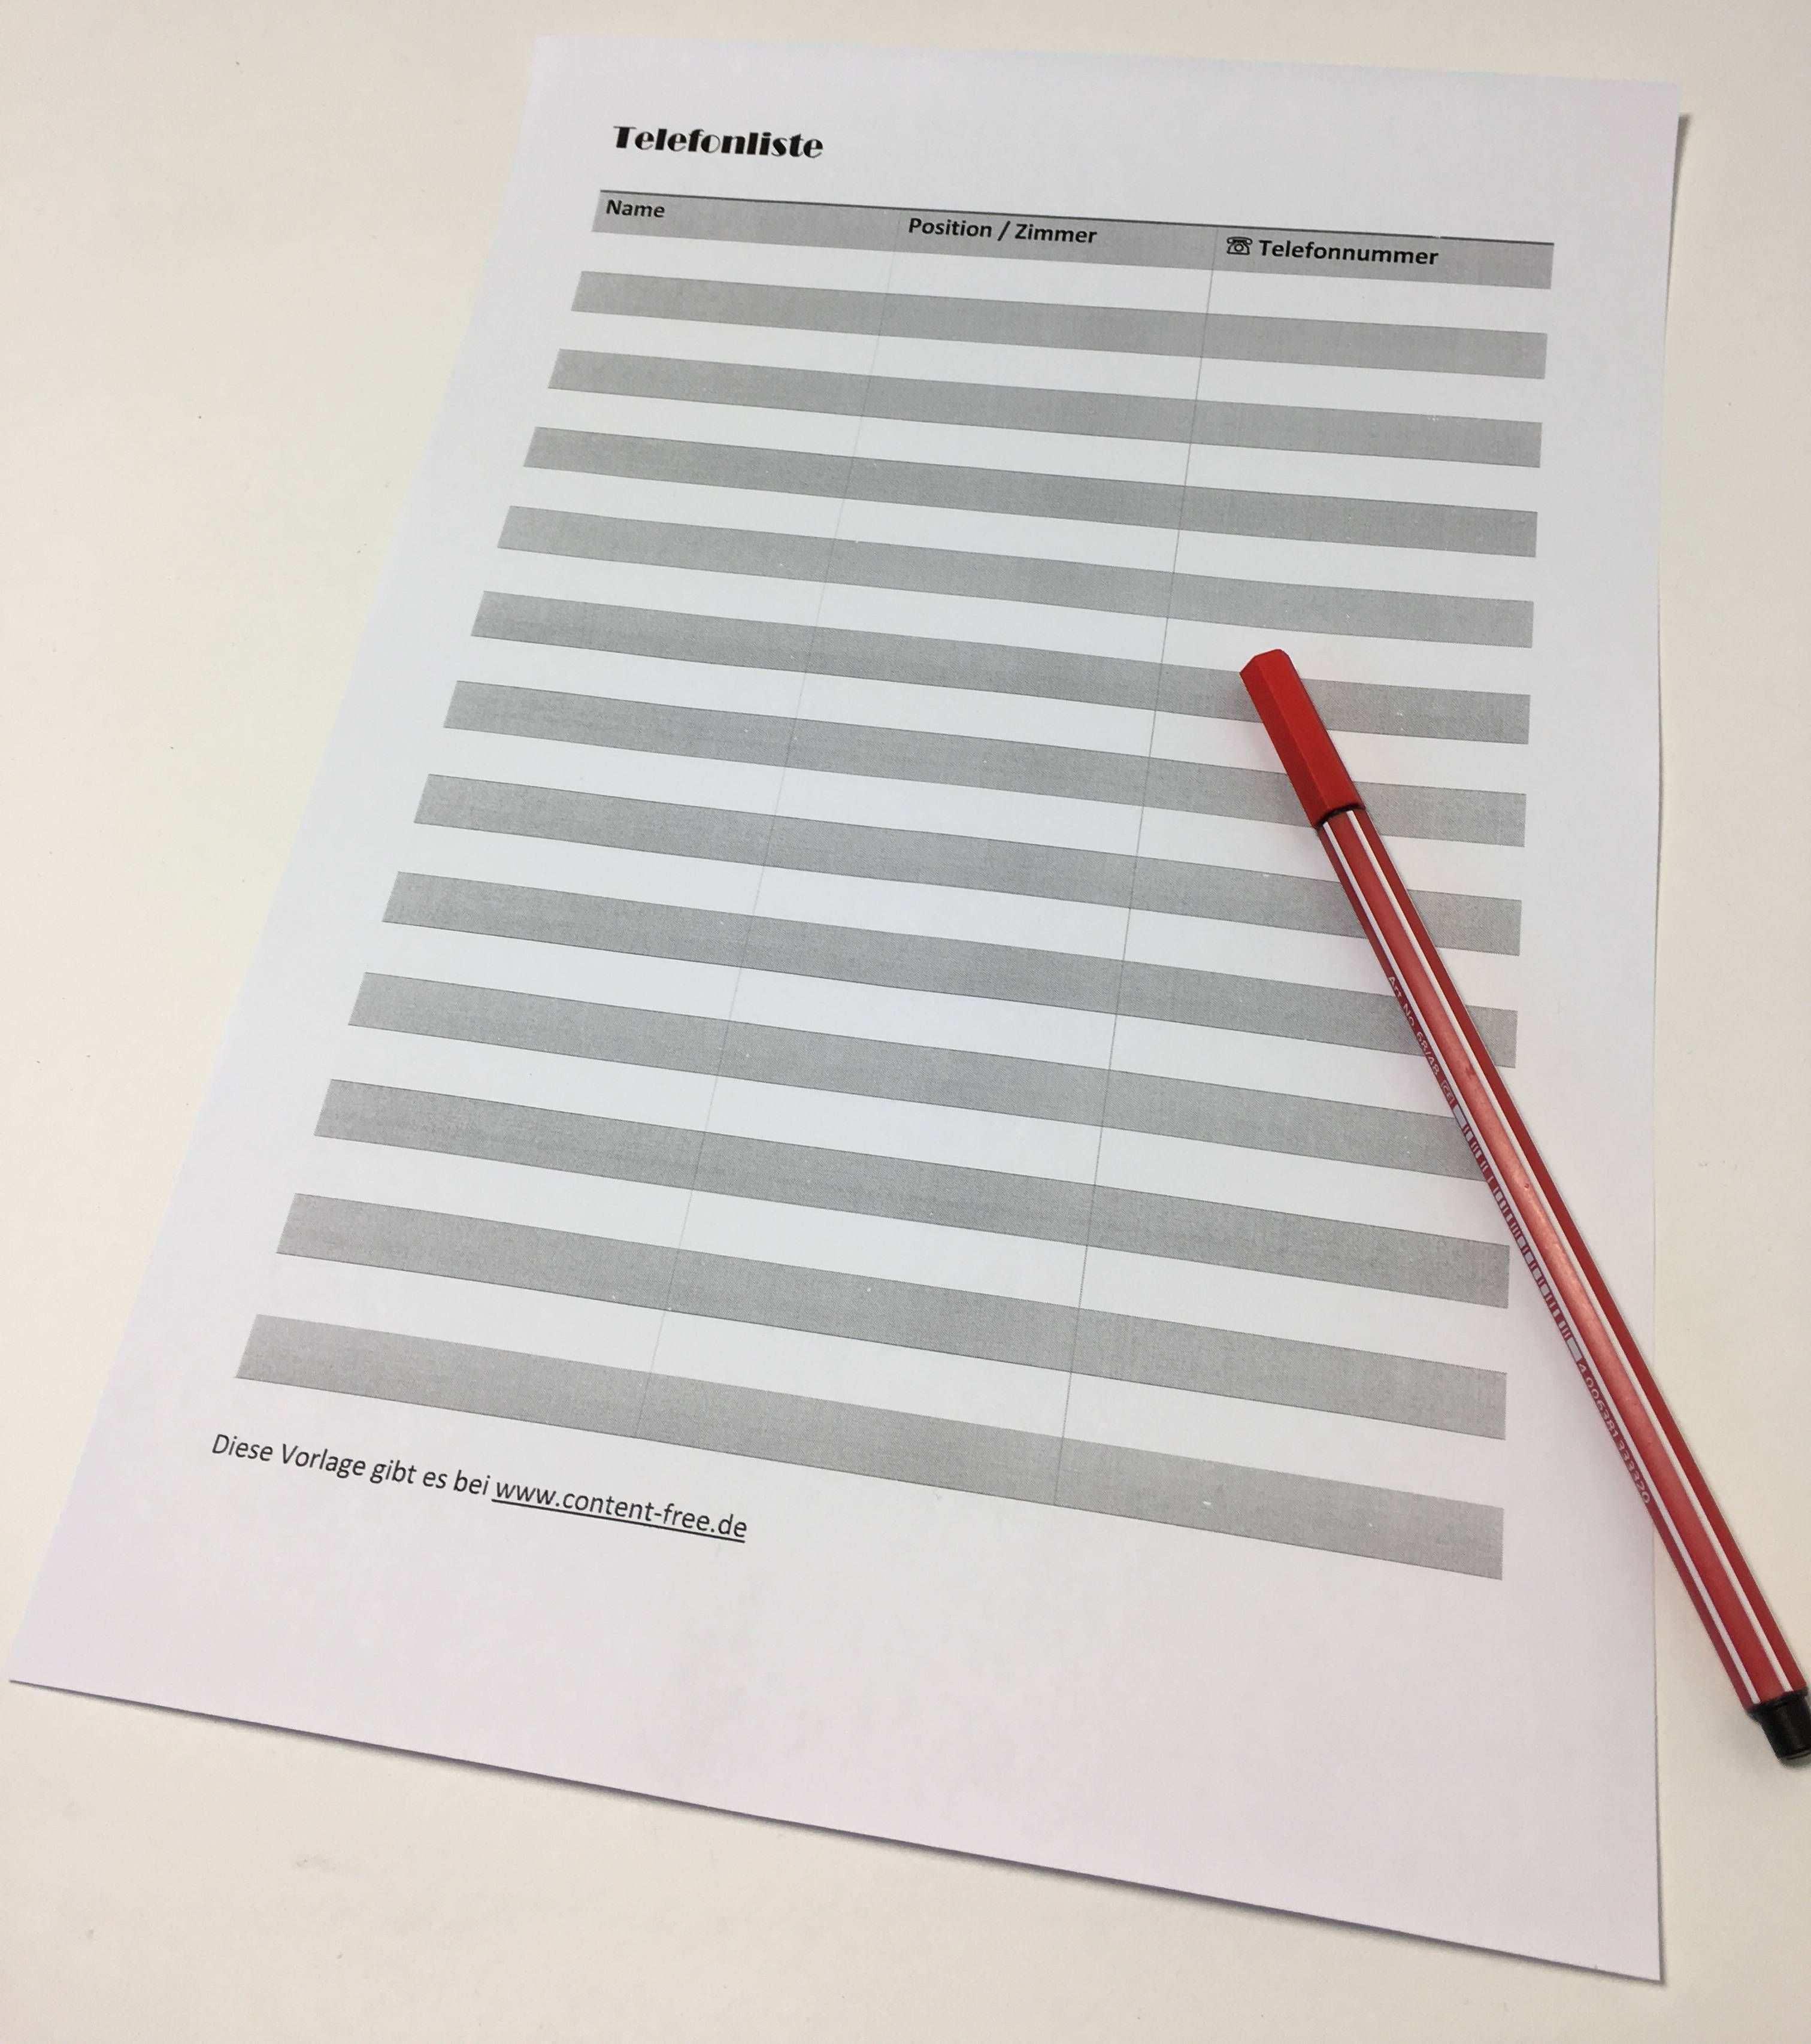 Telefonliste Zum Ausdrucken Telefon Ausdrucken Vorlagen